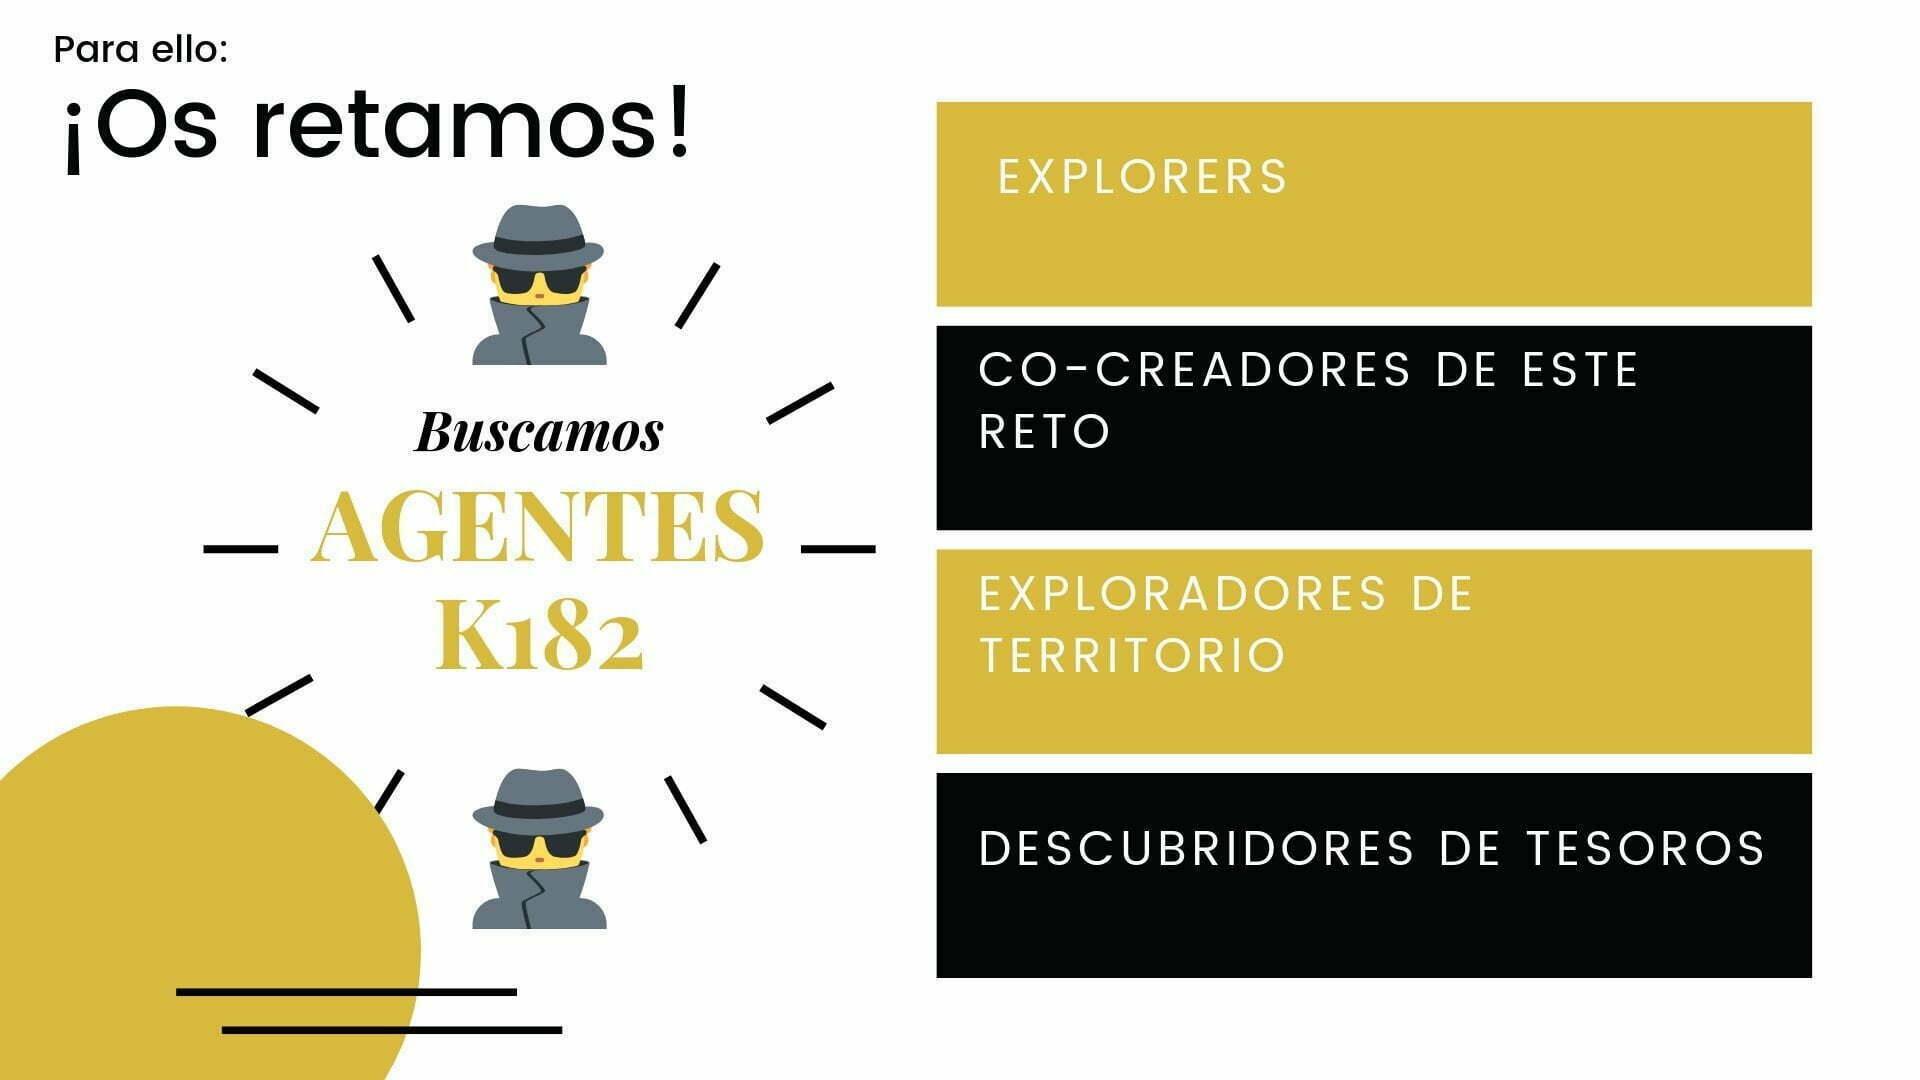 Repte k182 micropobles Barcelona